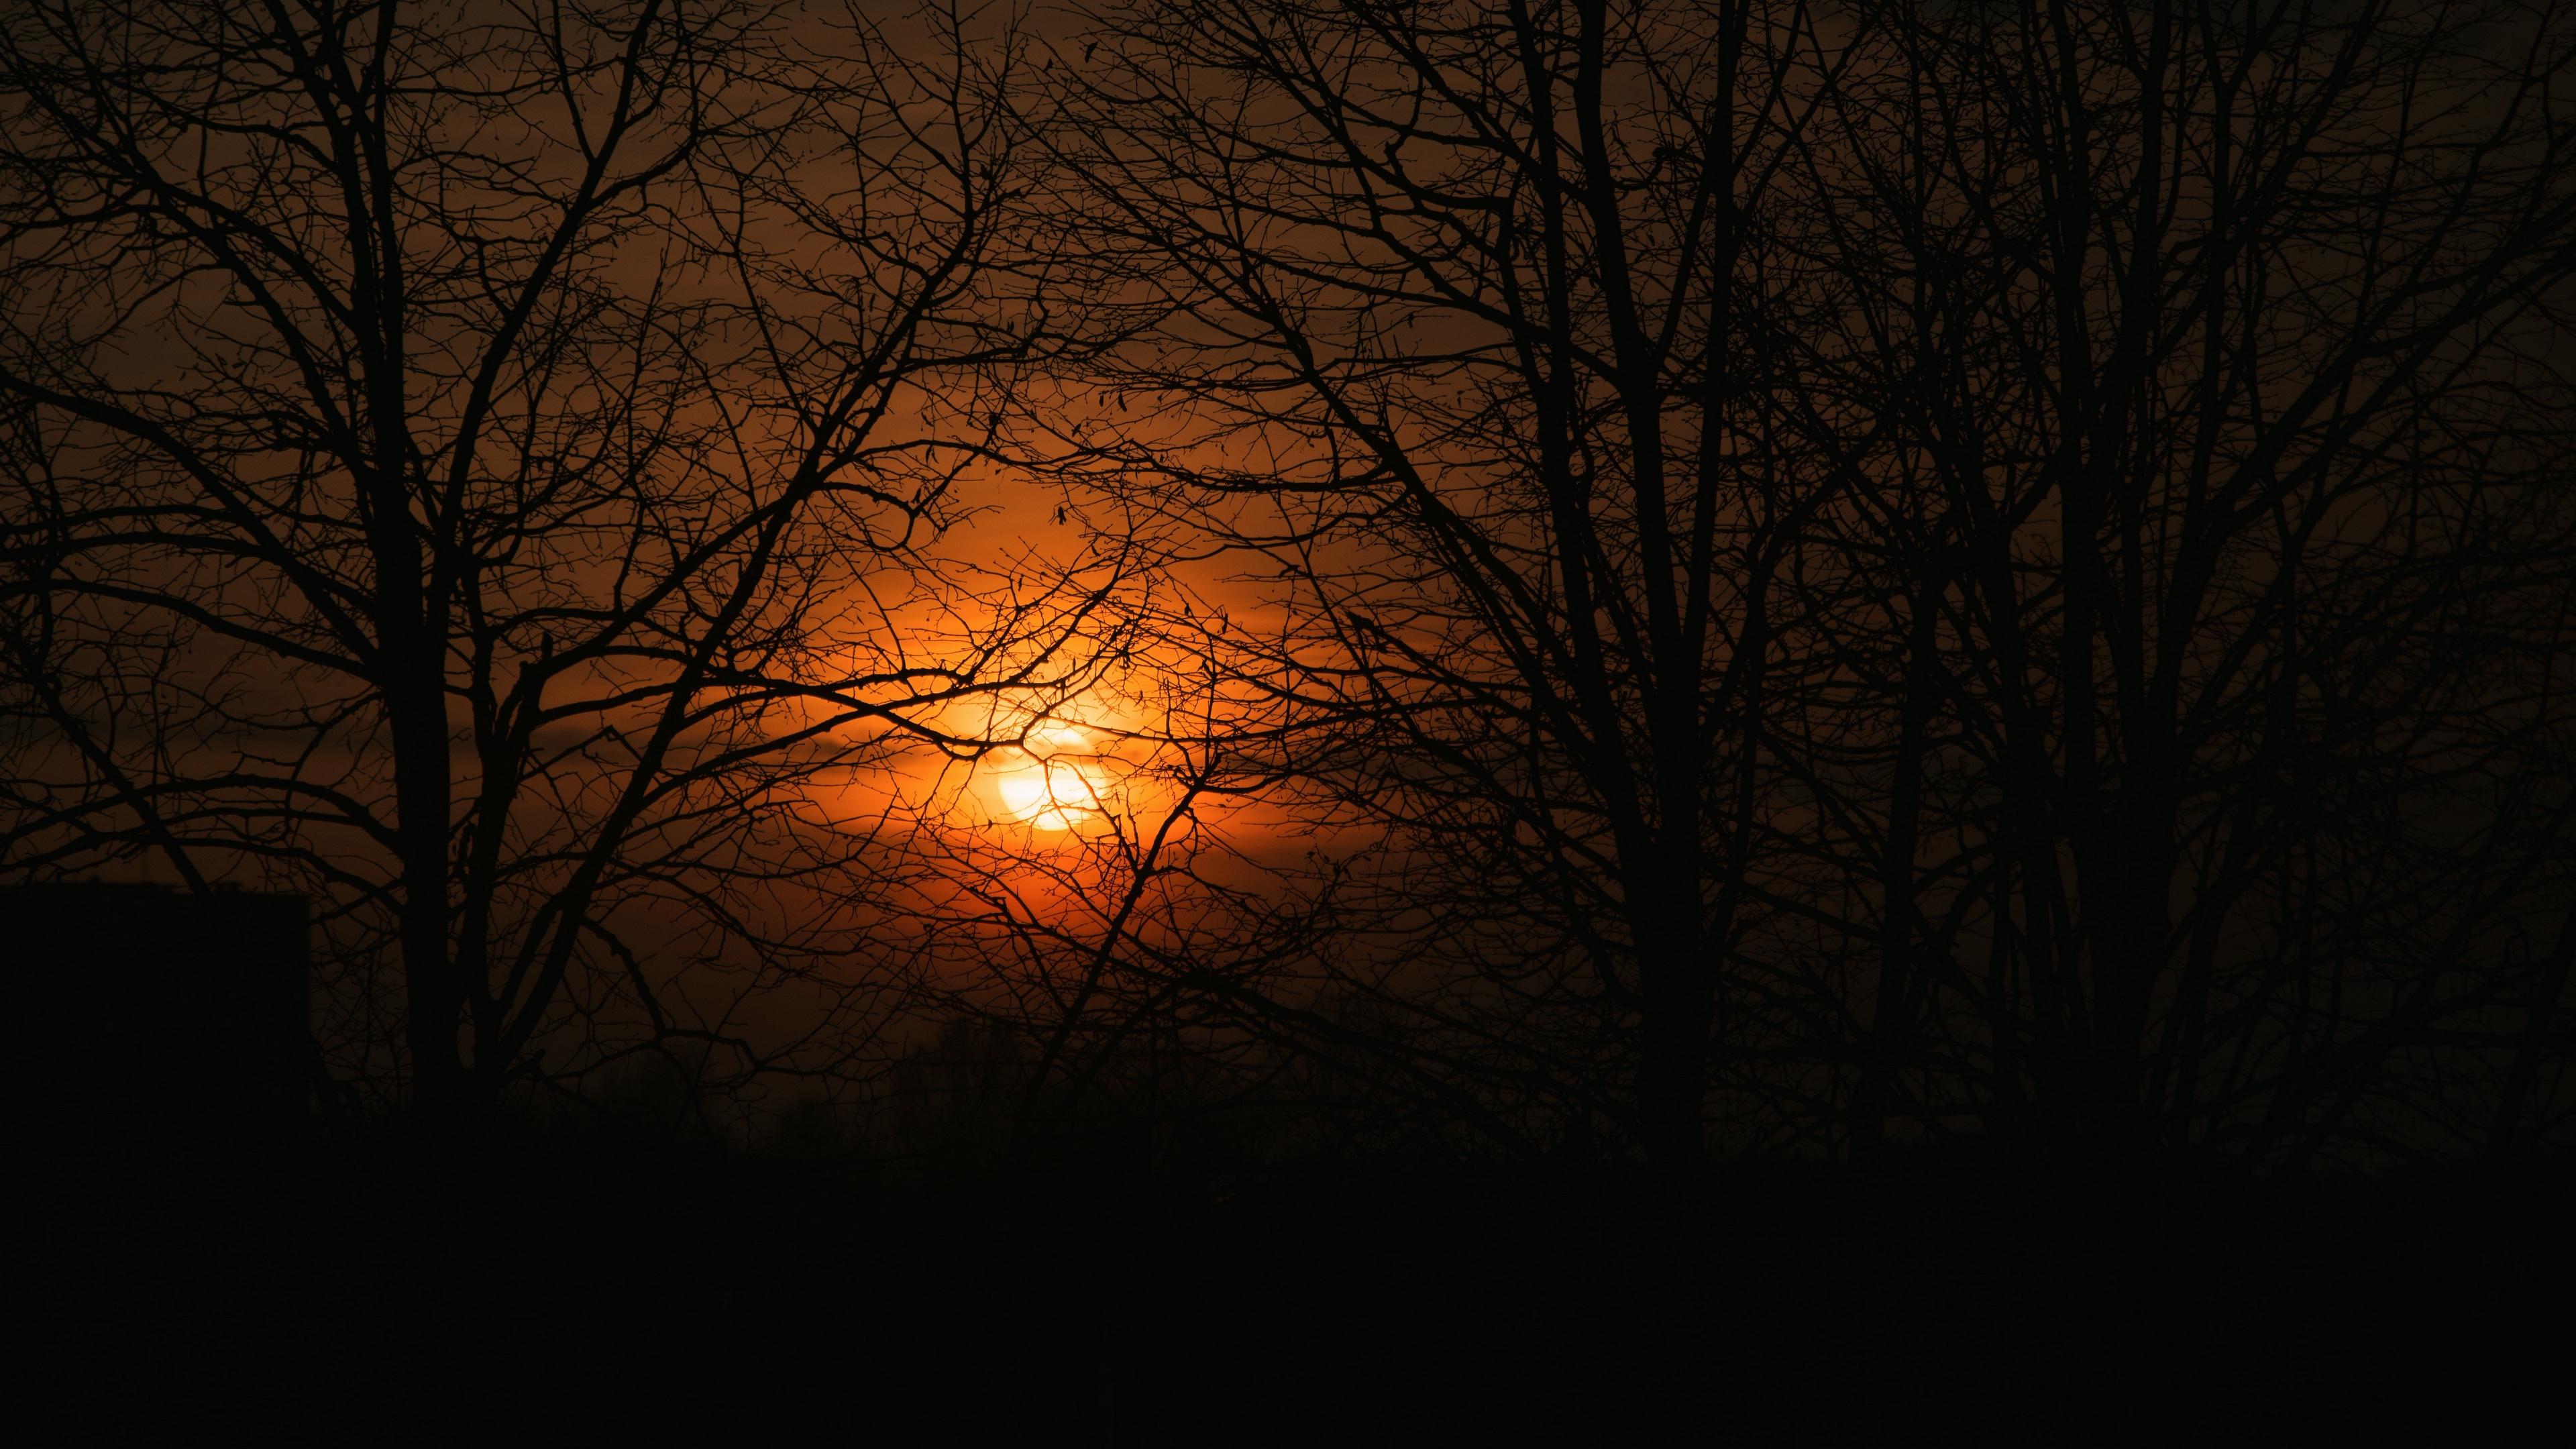 sunset sun branches trees sky 4k 1540575382 - sunset, sun, branches, trees, sky 4k - sunset, Sun, branches